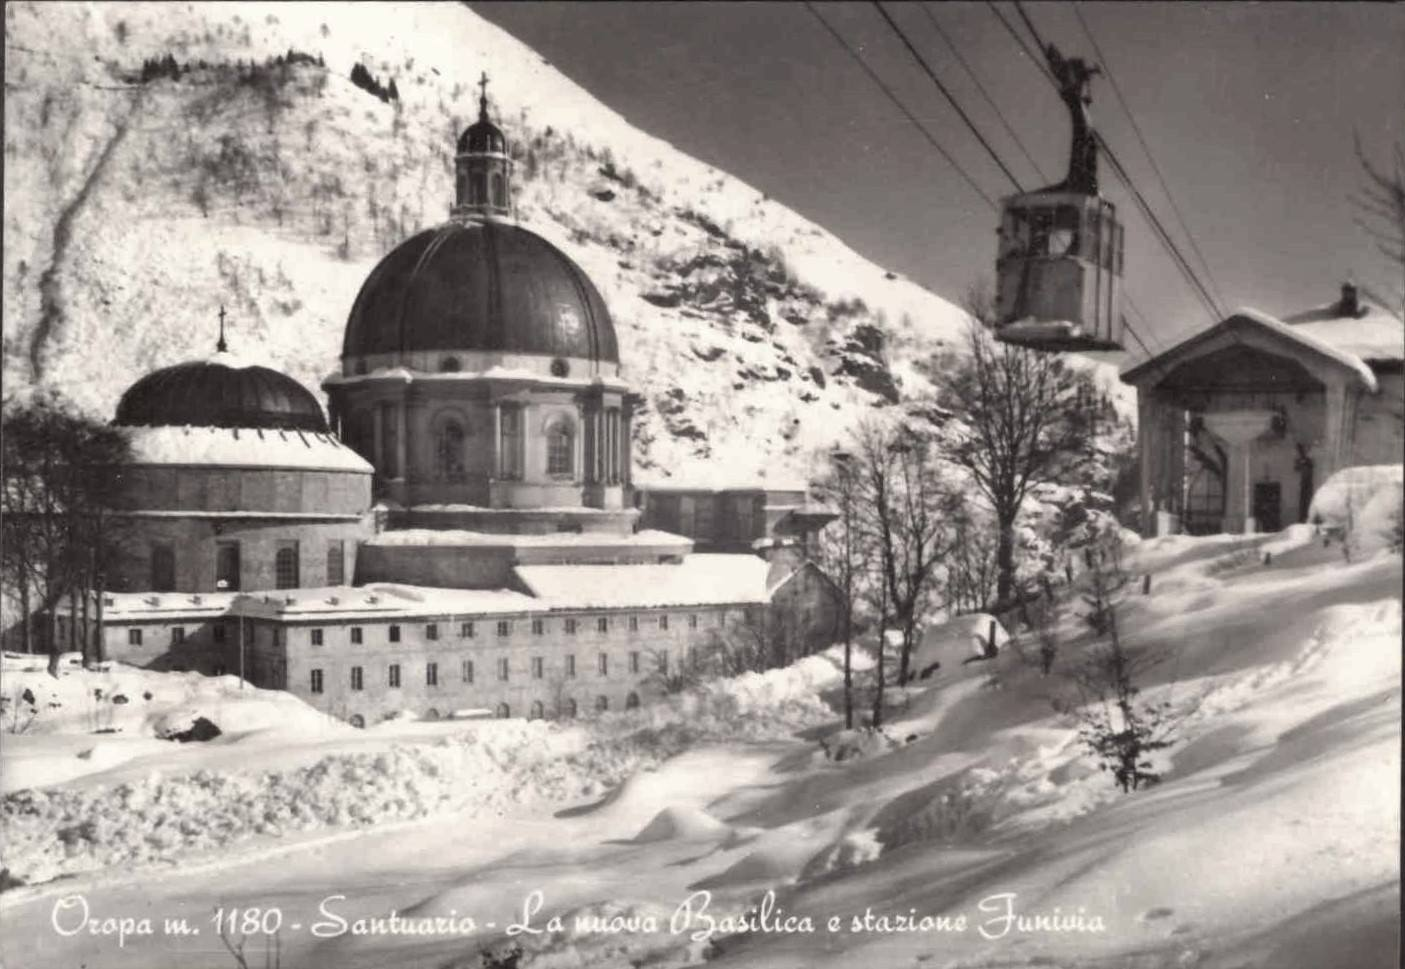 Oropa – La nuova Basilica e stazione Funivia